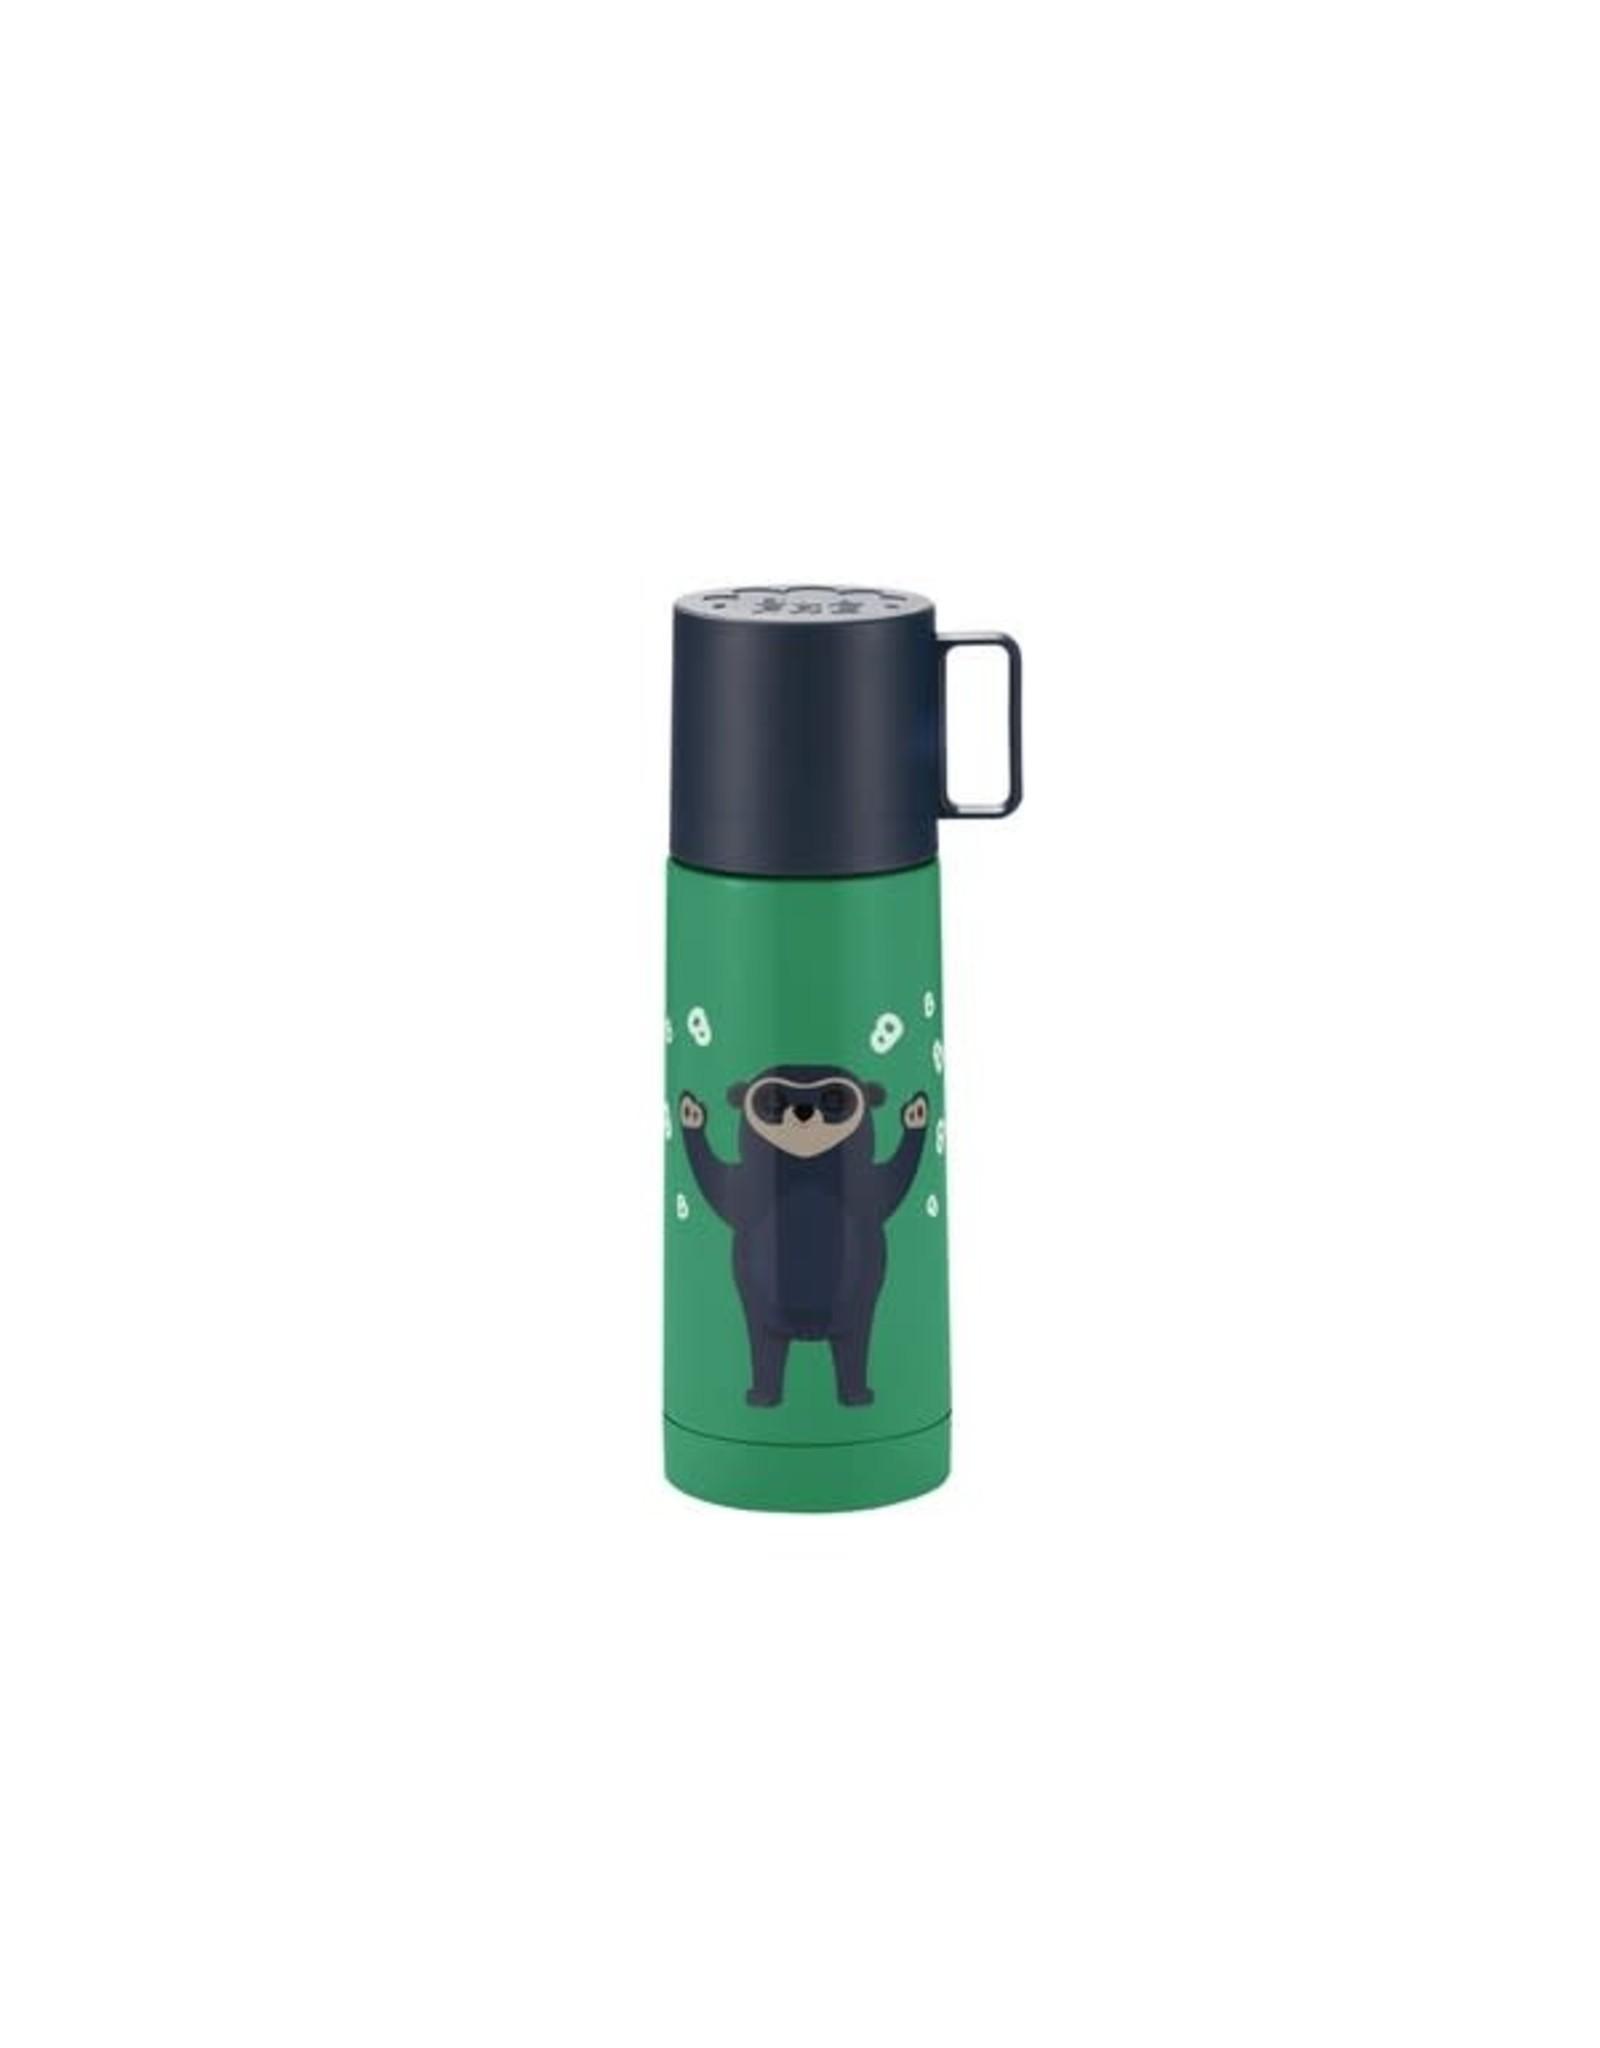 Blafre Blafre Thermal Bottle Bo Bear stainless steel, 350ml Green